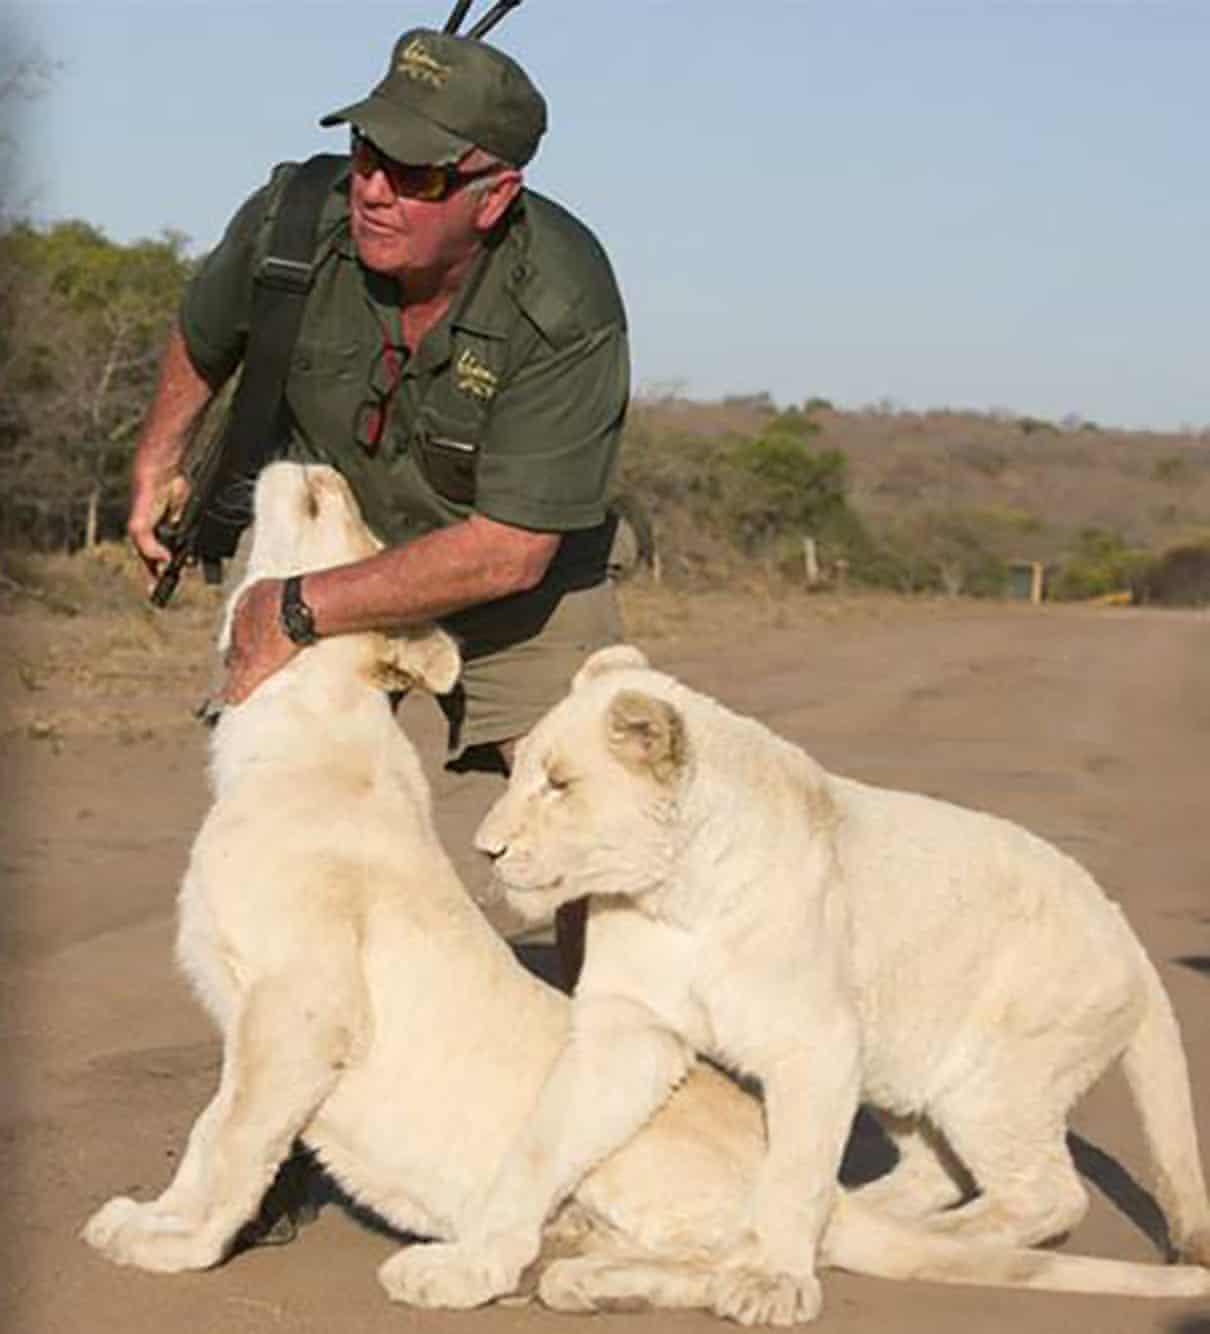 老闆養兩隻獅子當店寵 「做客人前做秀」員工想救他卻晚了